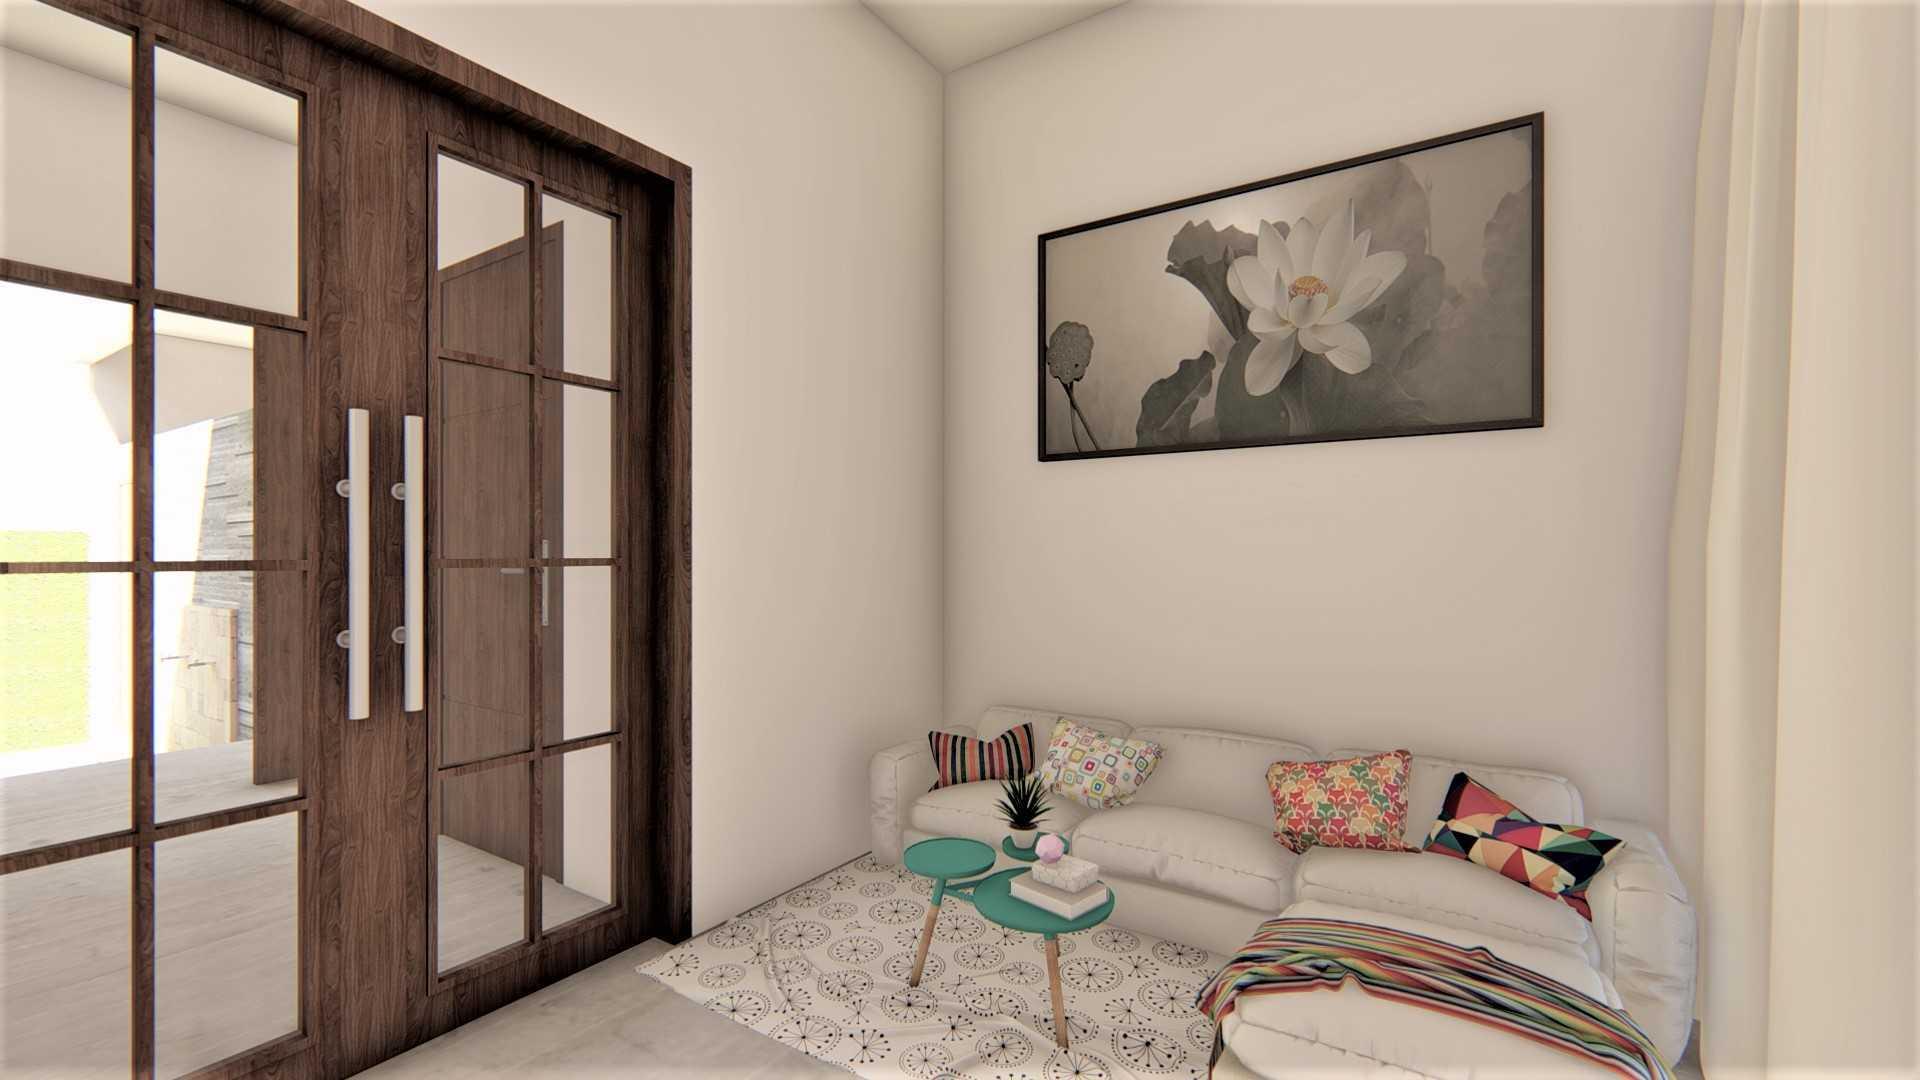 Astabumi Studio Pr House Tegal Tegal, Kota Tegal, Jawa Tengah, Indonesia Yogyakarta Cv-Astabumi-Manunggal-Prakarsa-Jto-Jogja-Trade-Office  119460